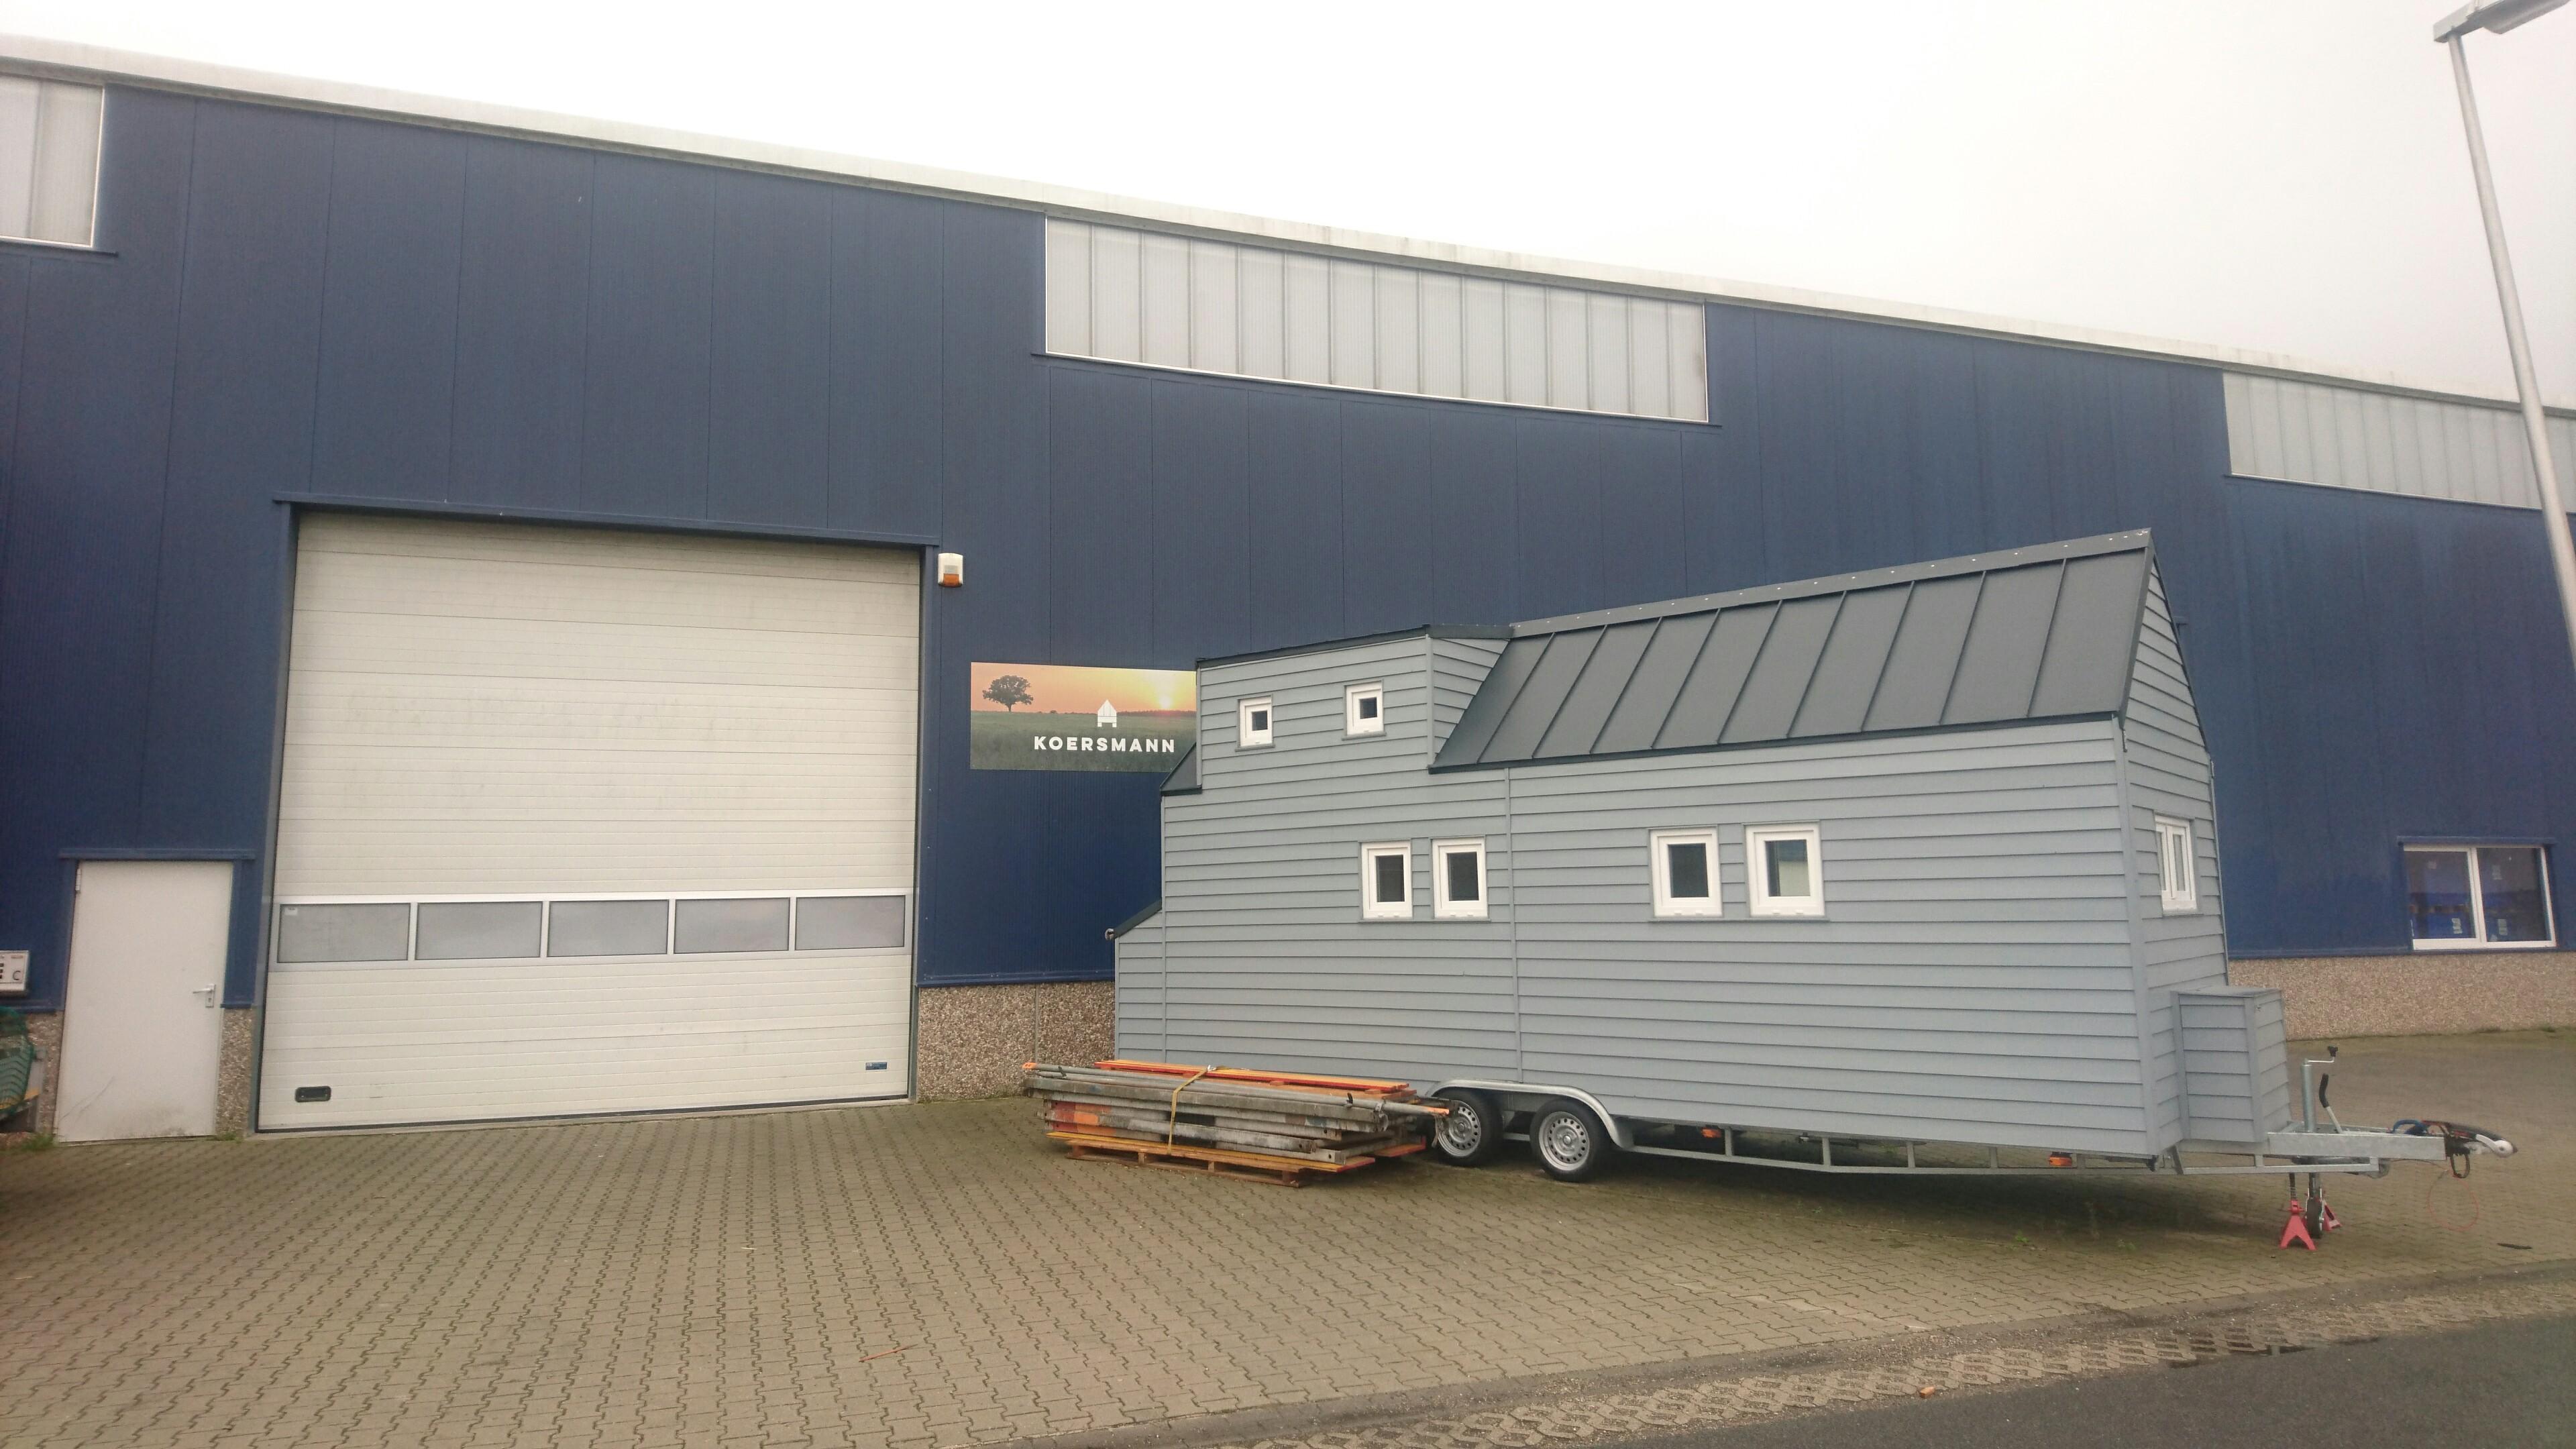 Unsere Halle mit Ausstellungsmodell